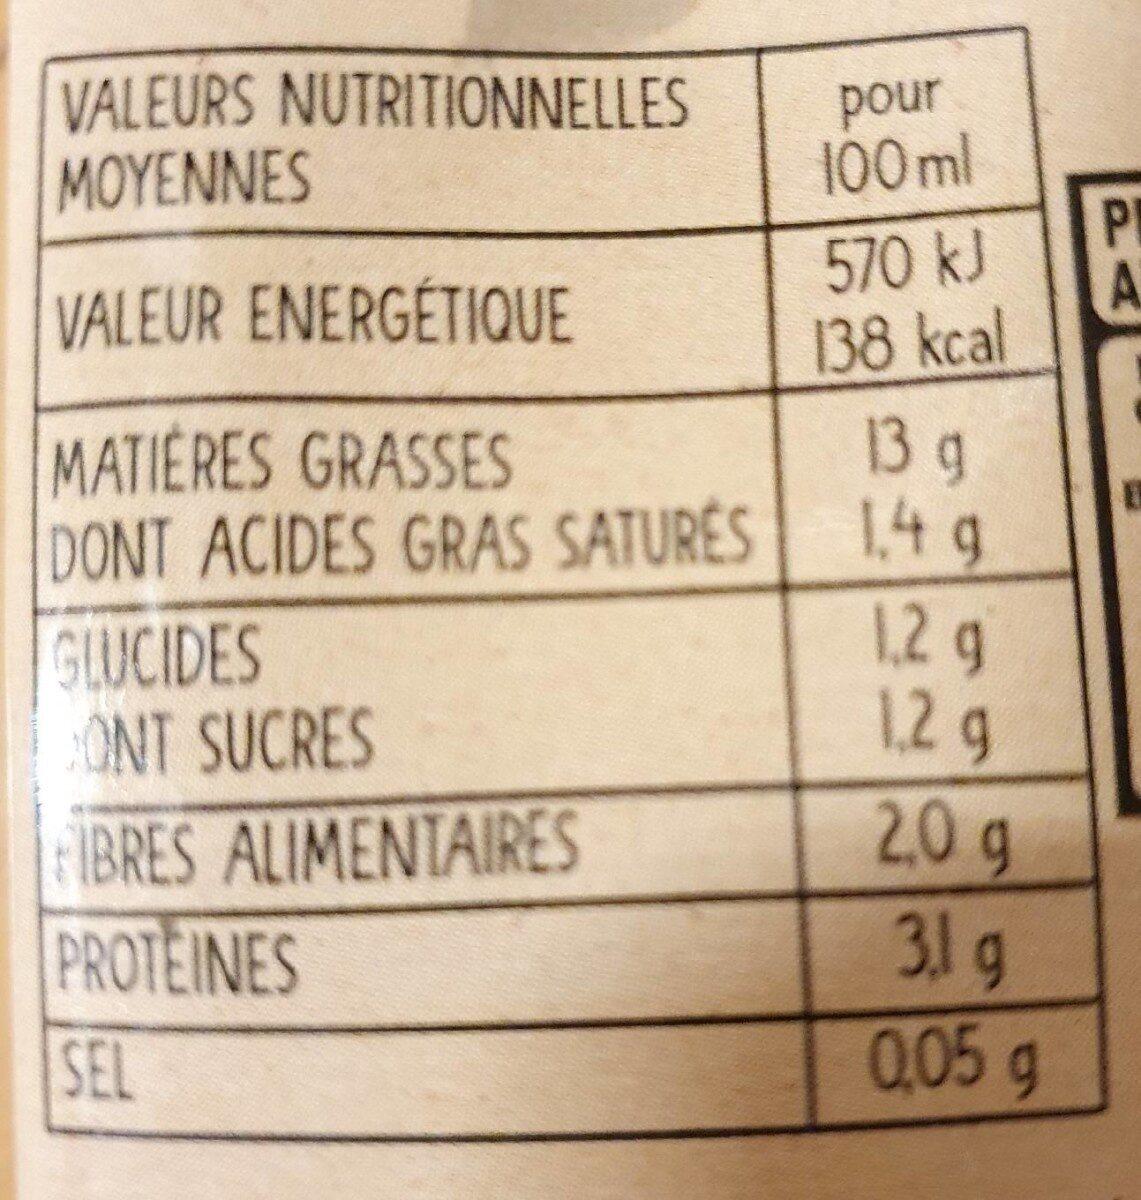 Soja cuisine fluide Cereal Bio - Valori nutrizionali - fr